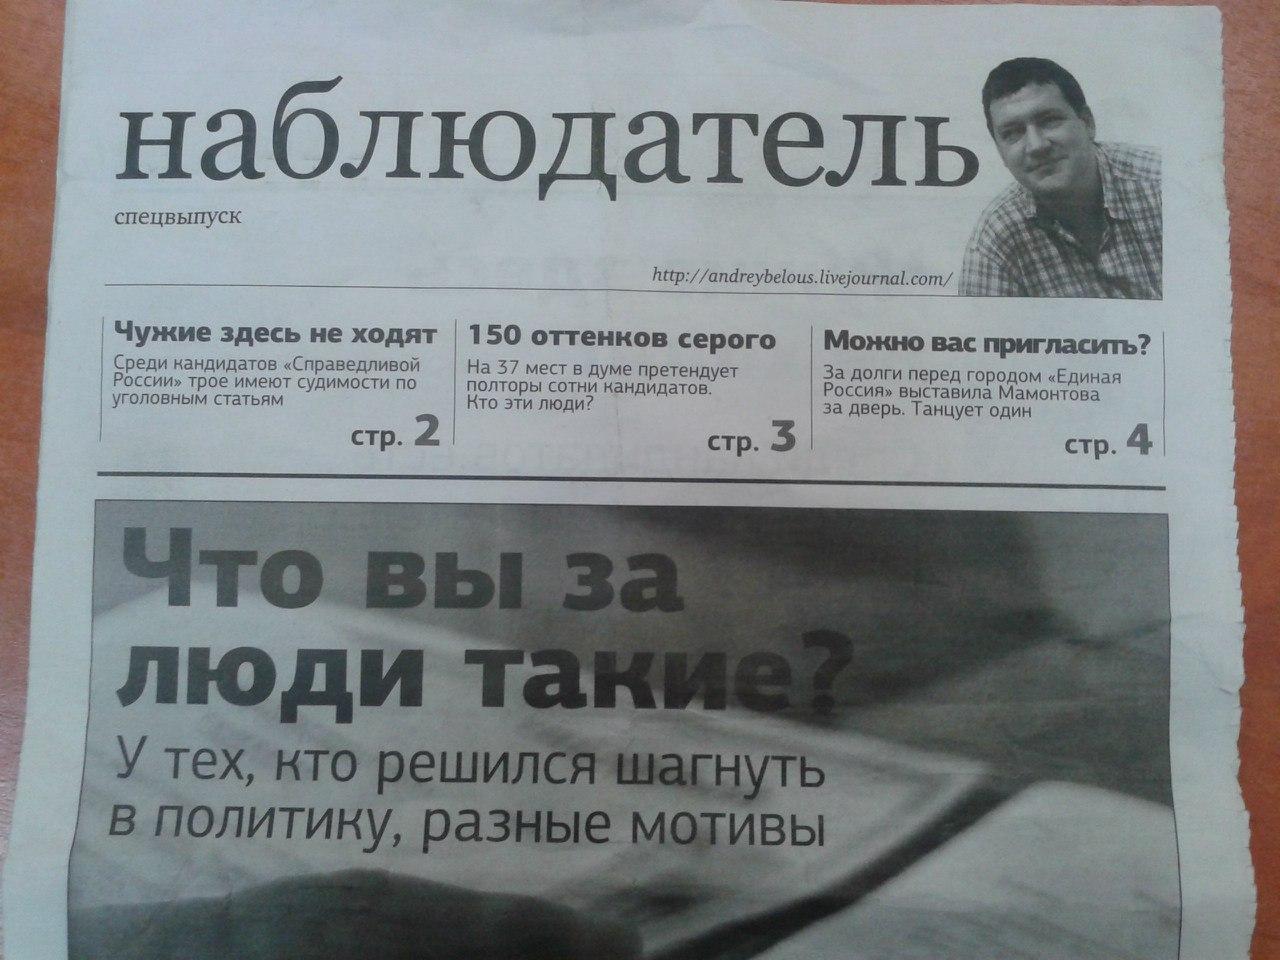 Нечистоплотность и двуличие «Единой России». Кто завалил Томск грязным «предвыборным пиаром»?